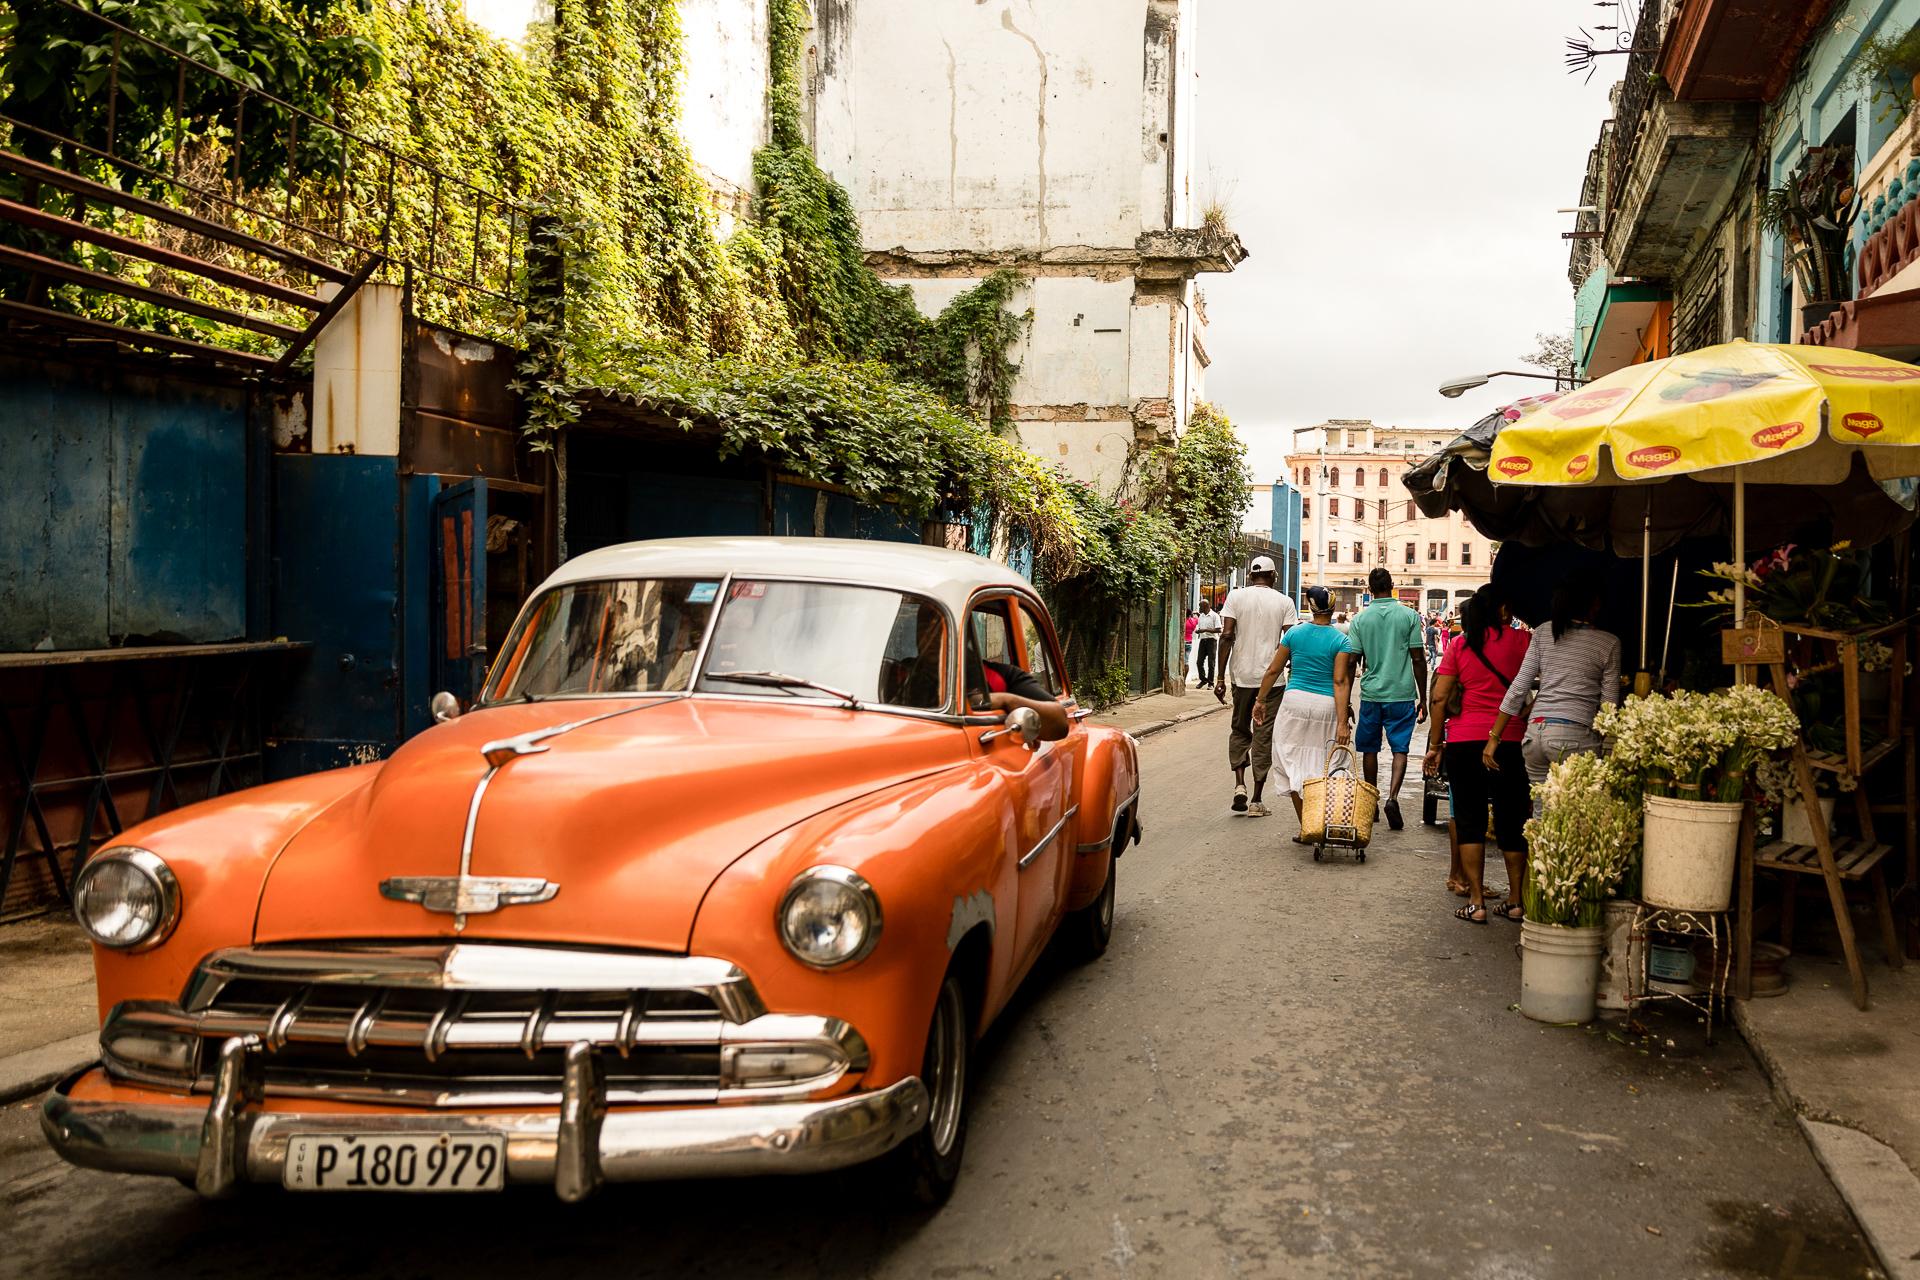 Bild: Oldtimer in Havannas Straßen in Kuba